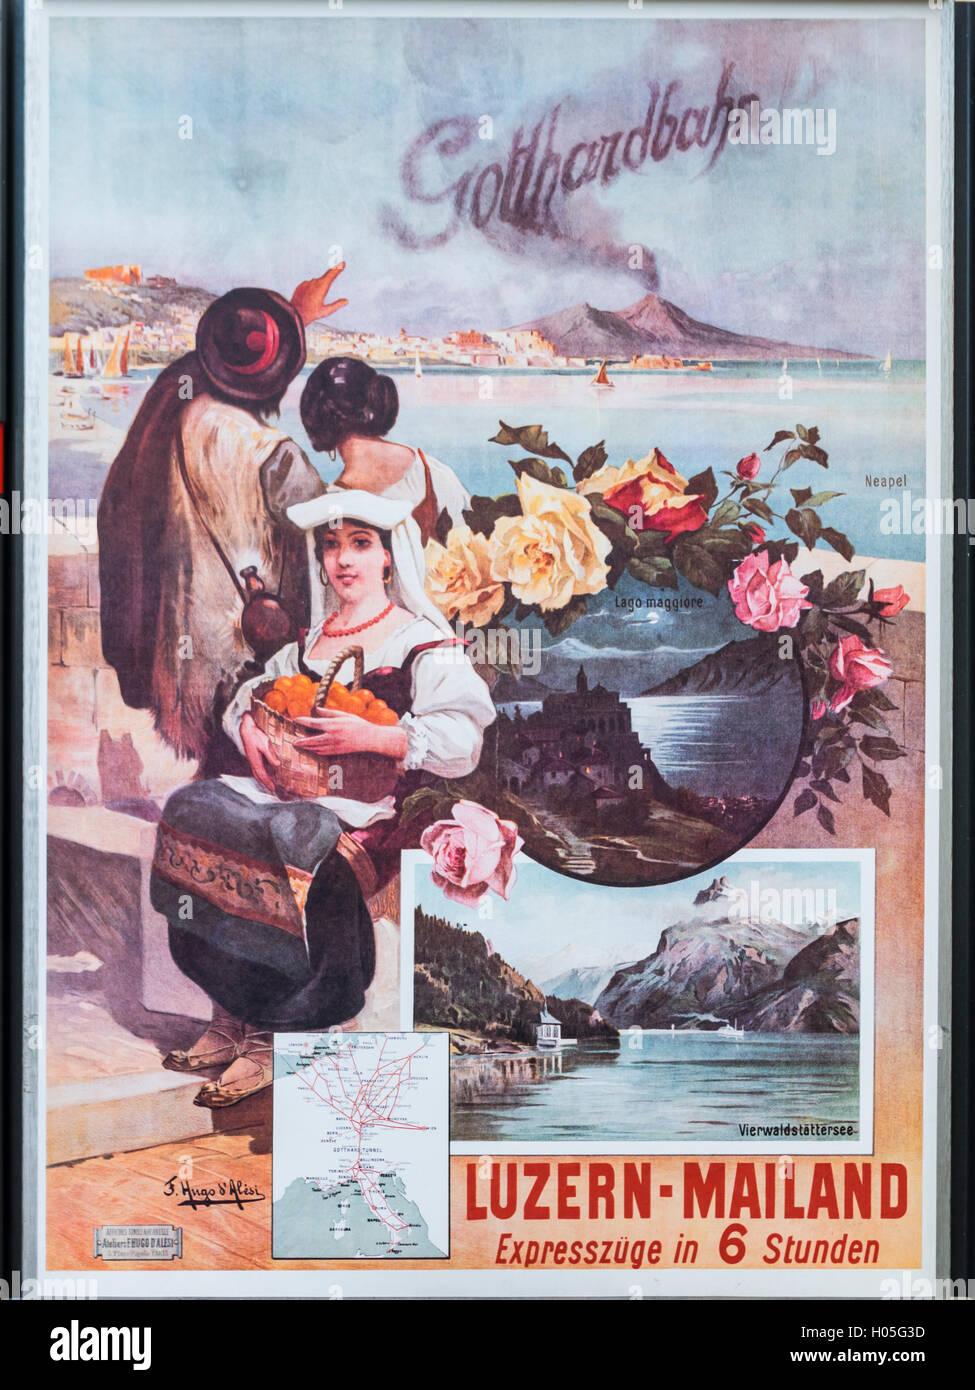 Vintage Werbung der SBB, SBB, Förderung der Gotthardbahn. Stockfoto